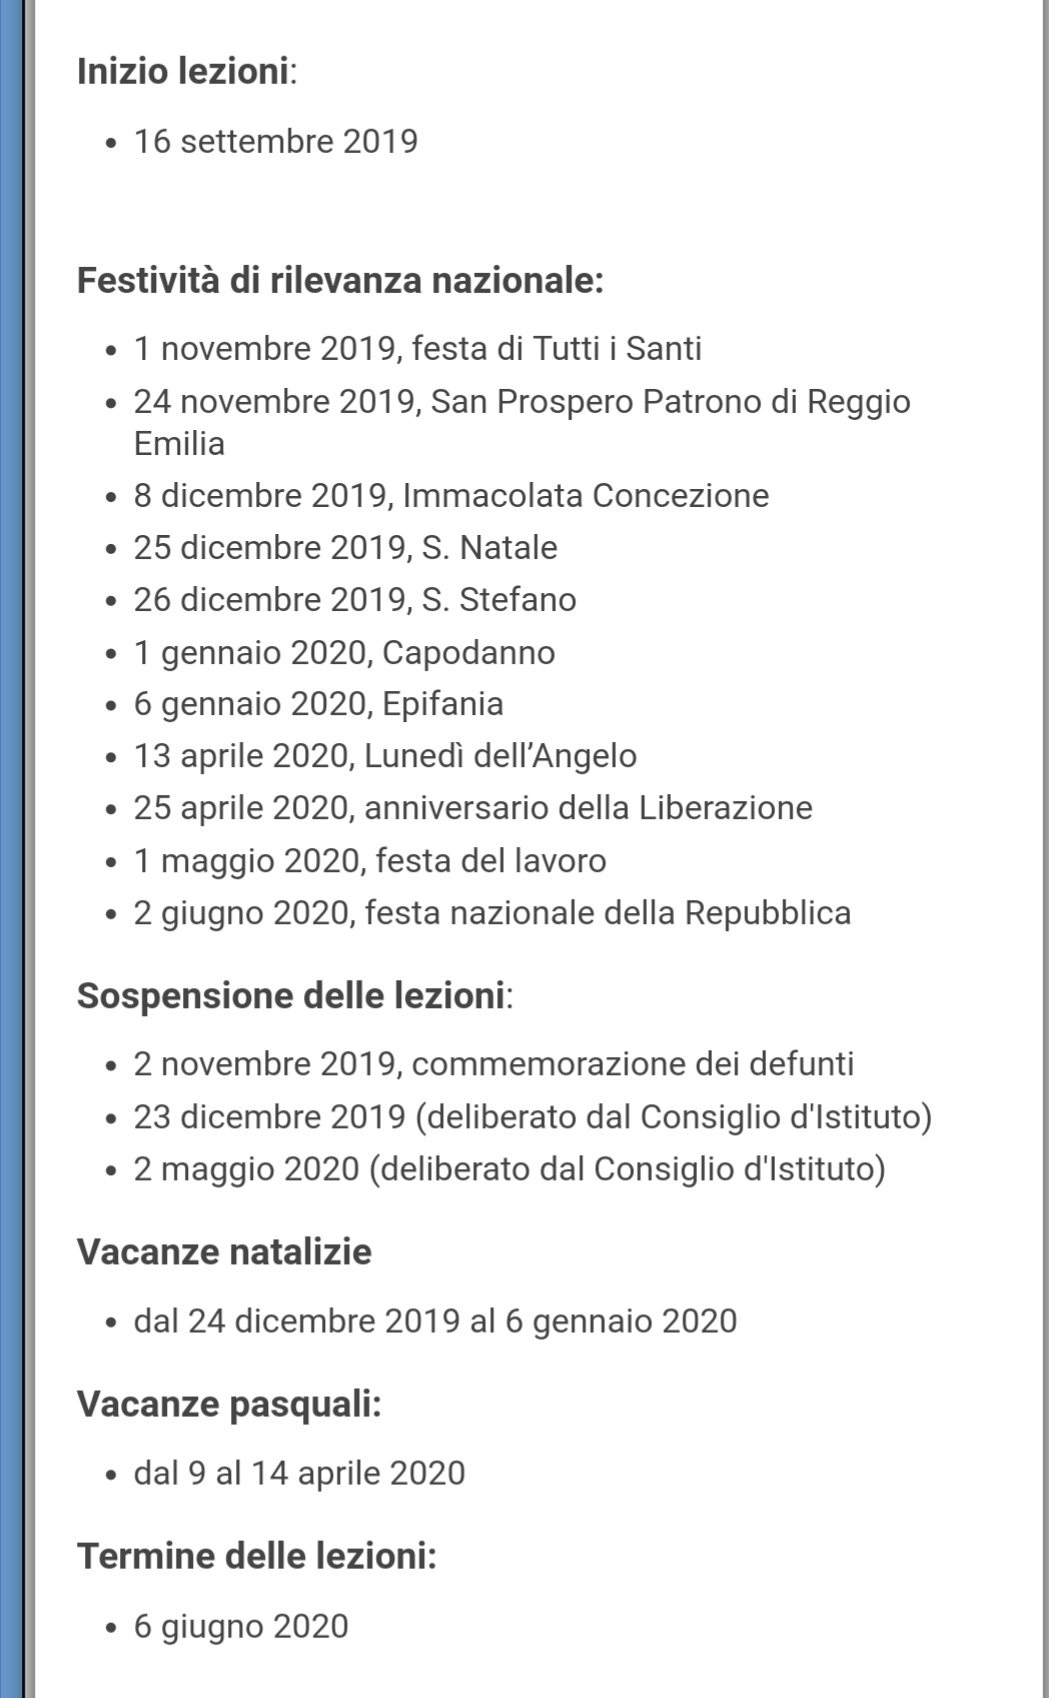 Calendario Pasqua 2020.Calendario 2019 2020